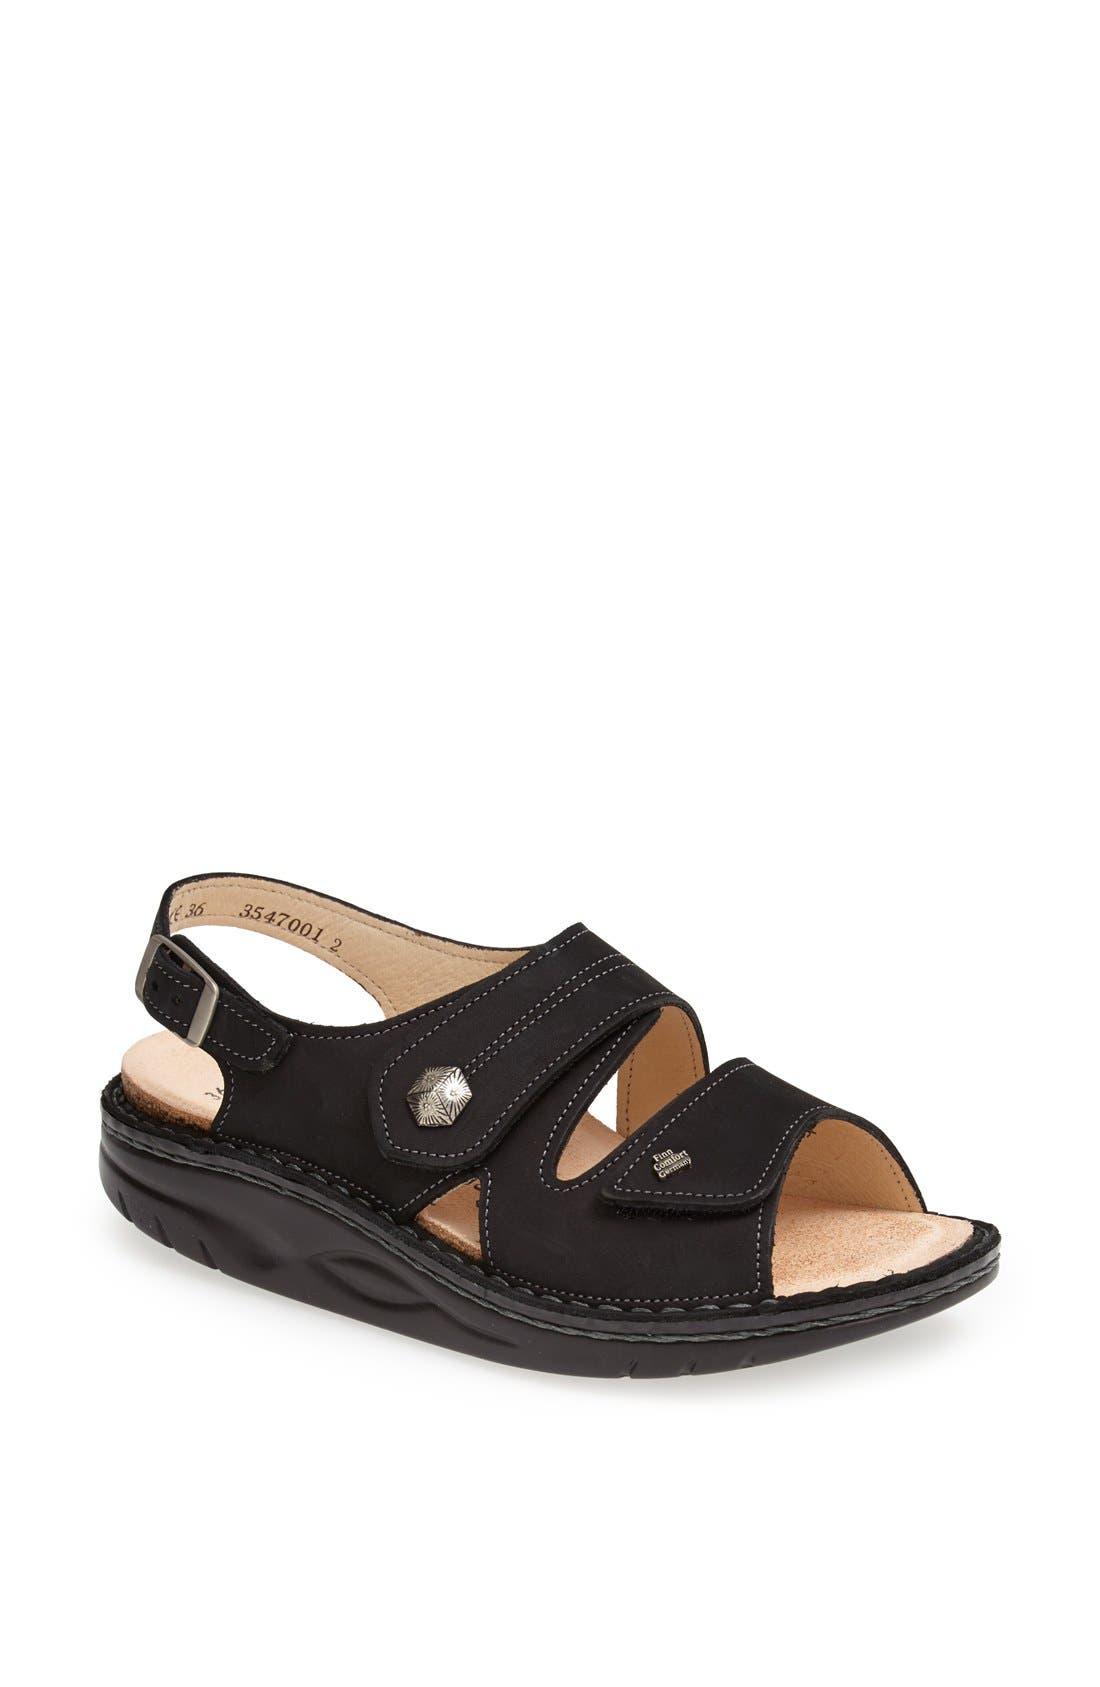 'Sparks' Sandal,                         Main,                         color, Black